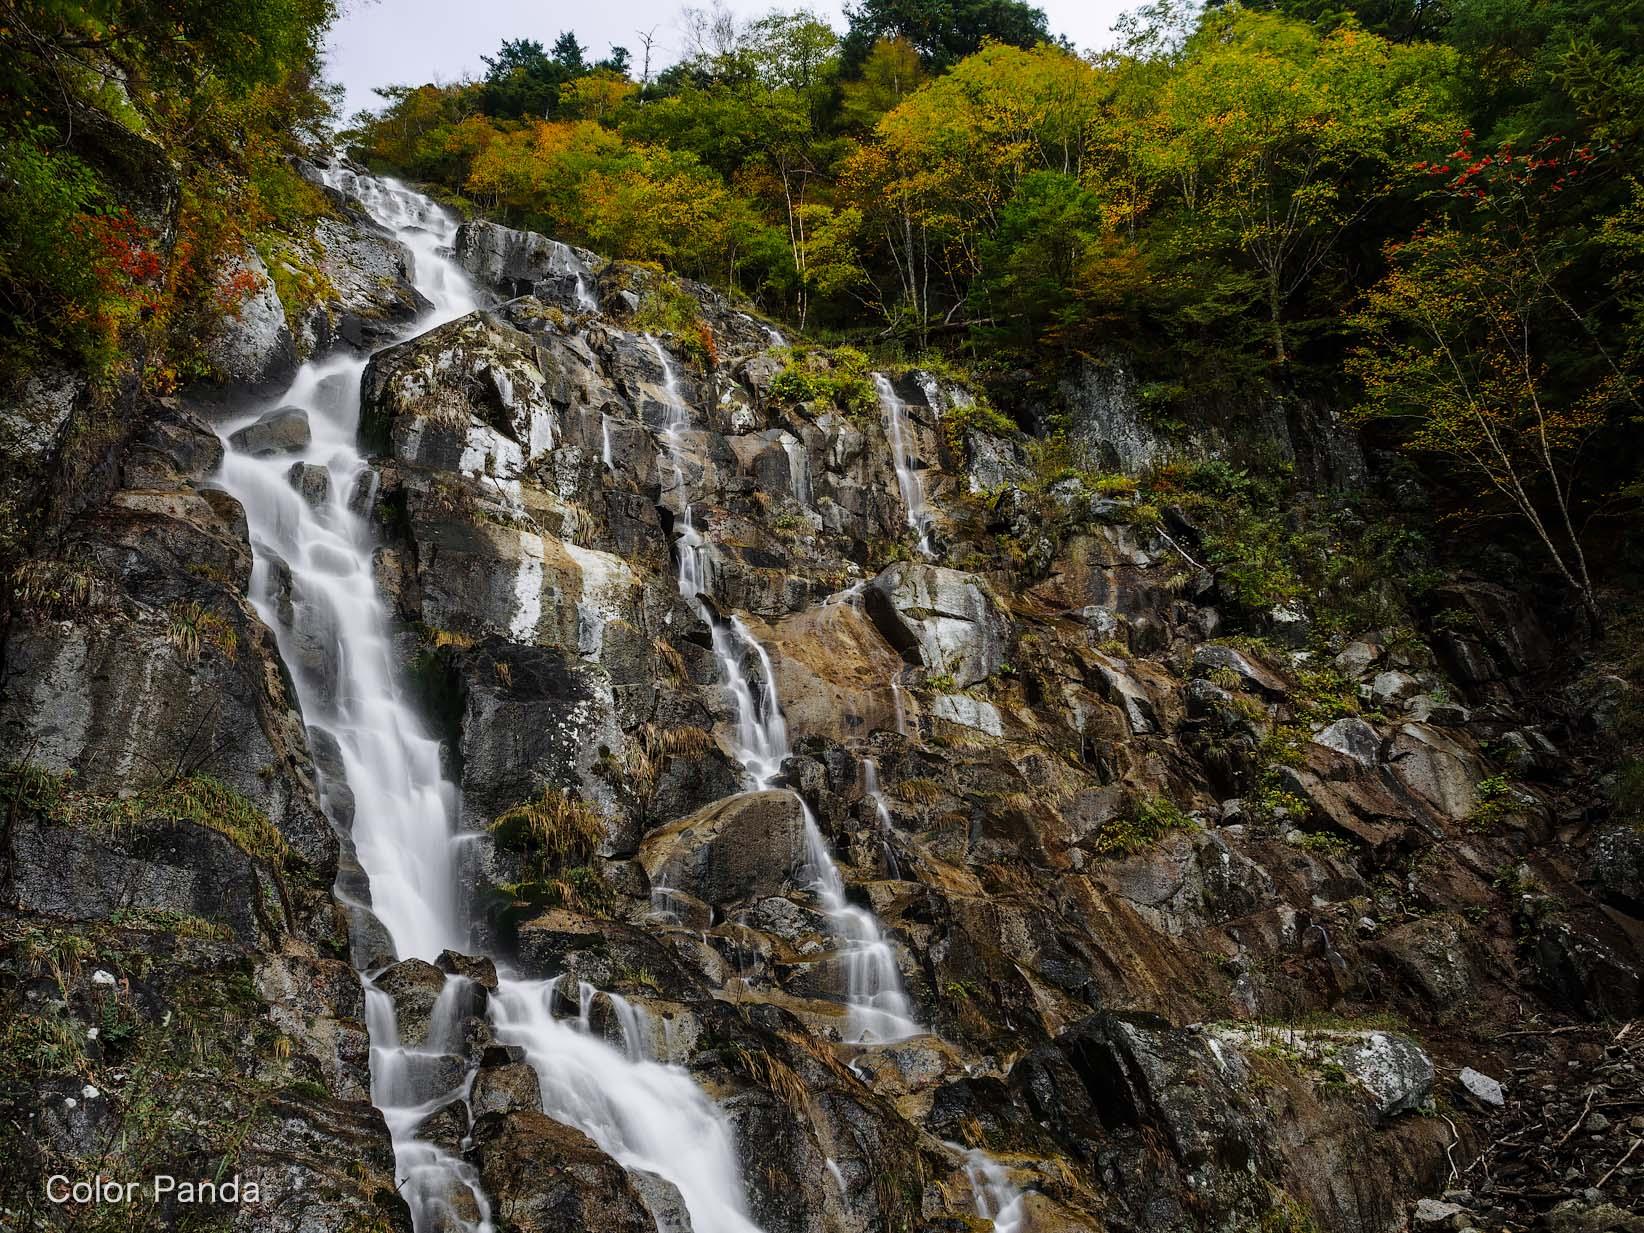 ヌク沢大滝